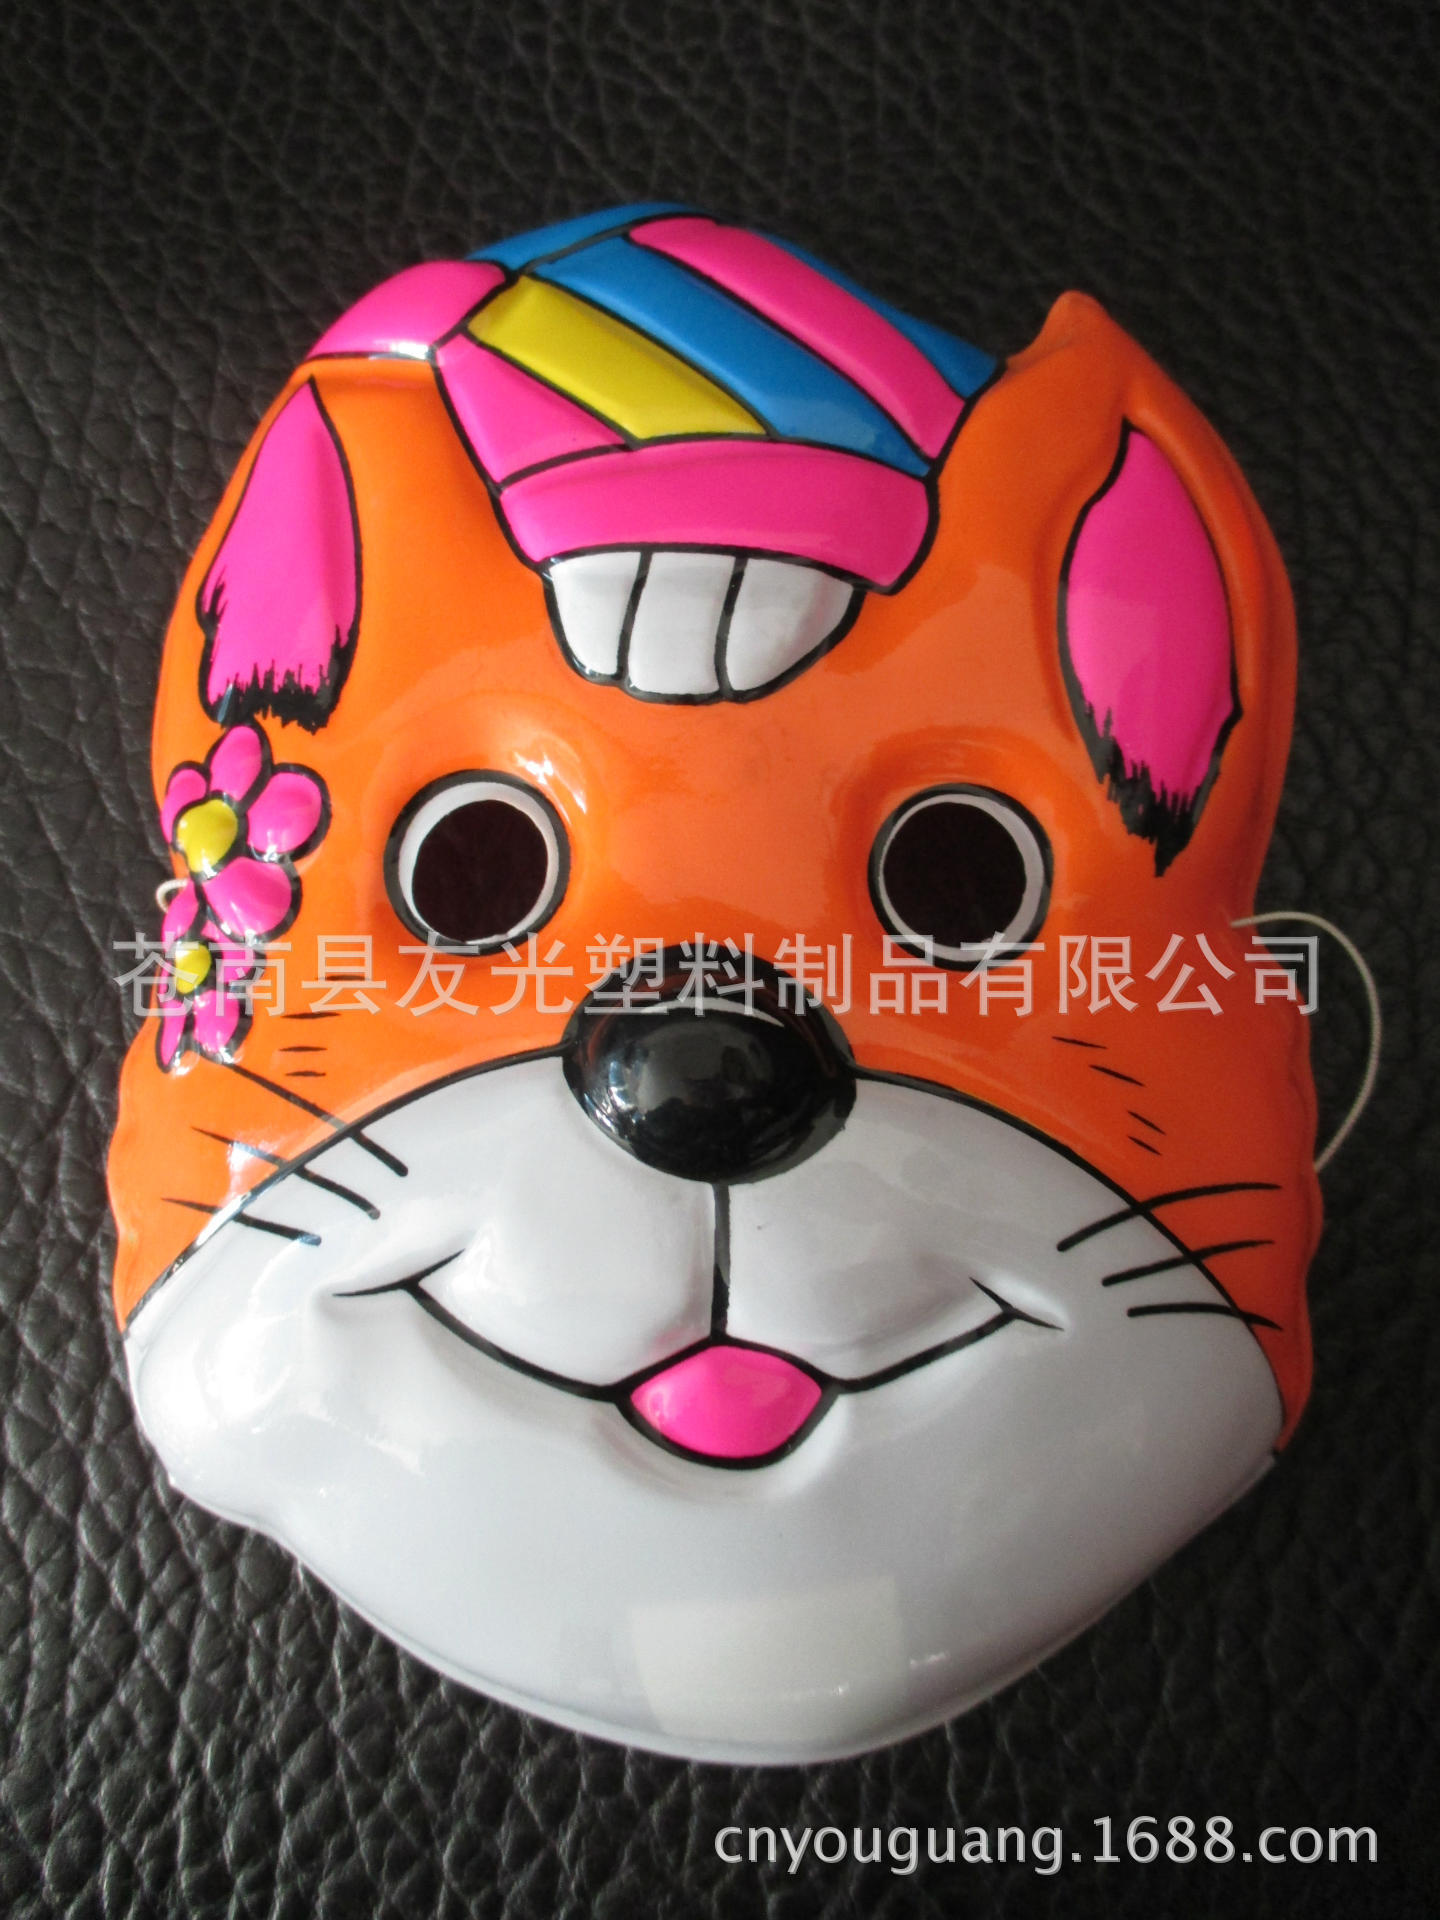 万圣节面具 动物面具 卡通吸塑面具 可定制 万圣节 阿里巴巴